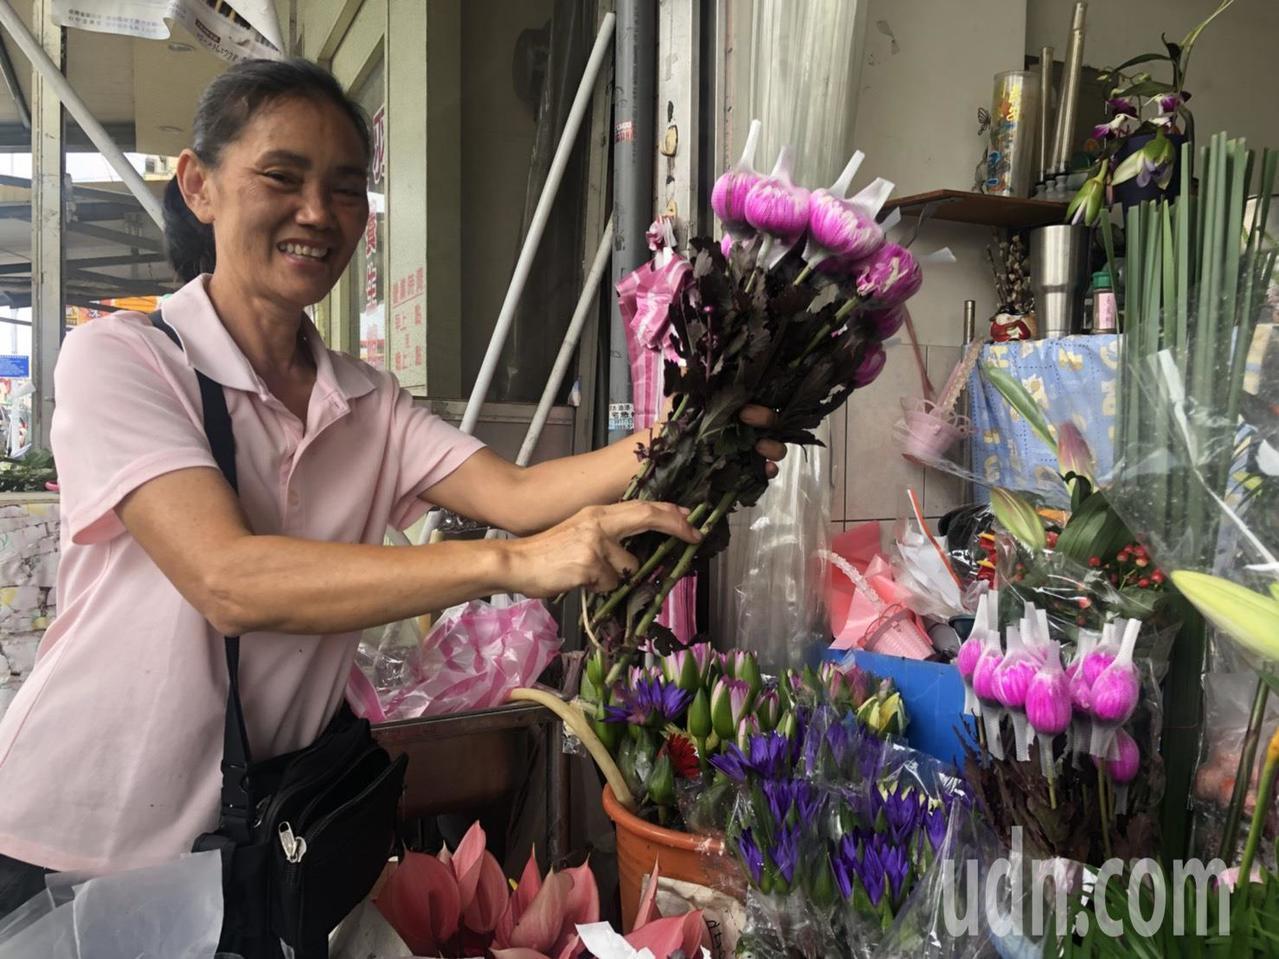 王翌達的母親鐘蓮音在嘉義市公明路經營花店,扶養3個孩子成長。記者王慧瑛/攝影